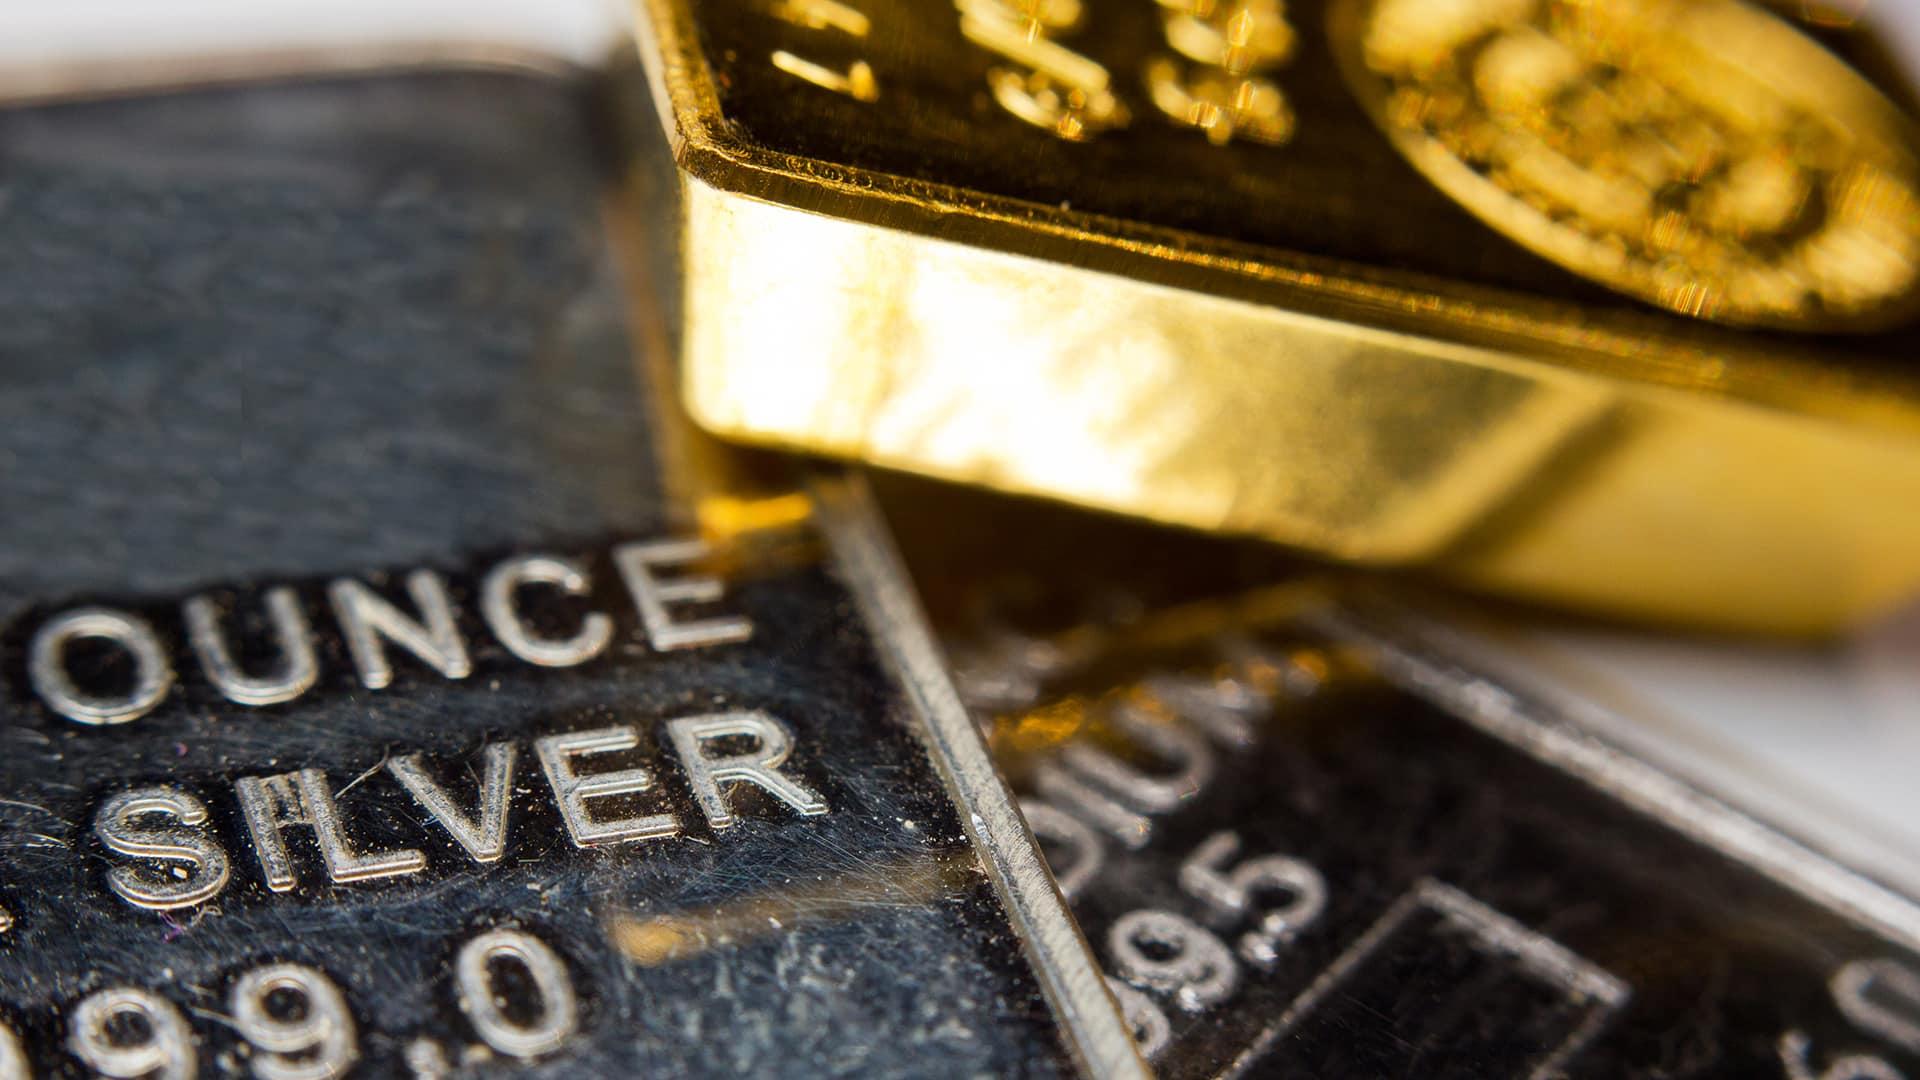 Gold / Silver Ratio